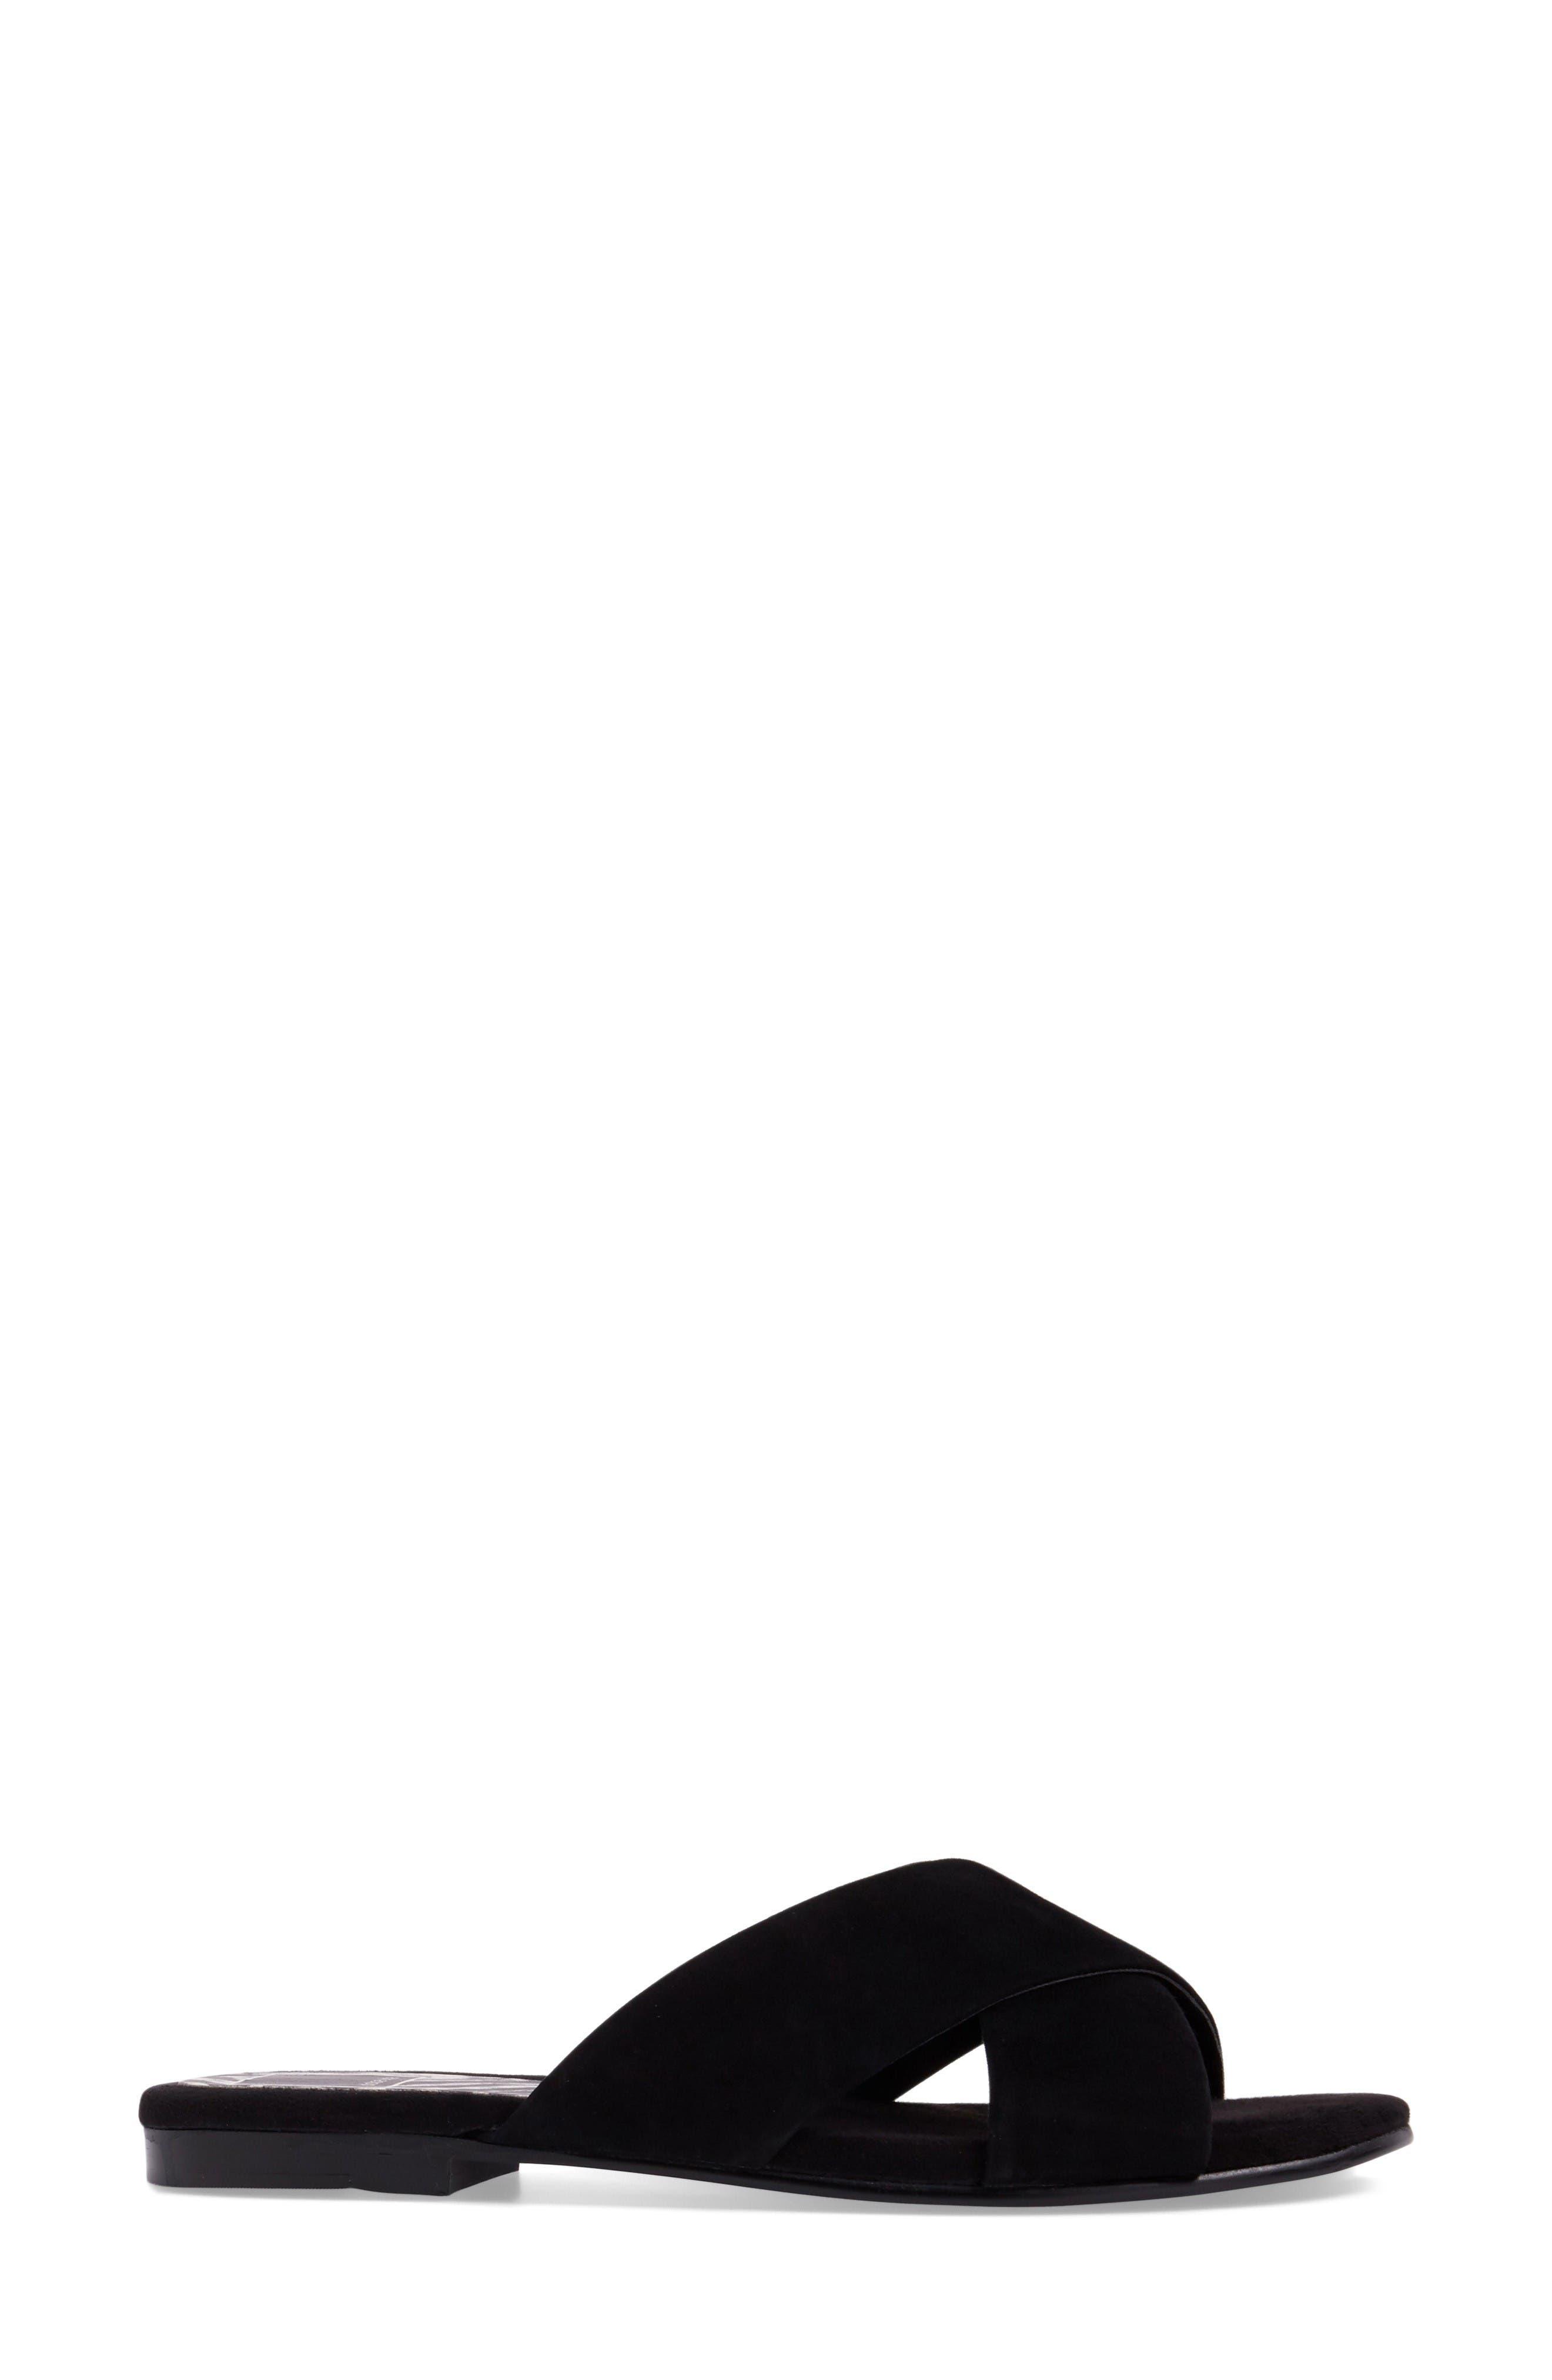 Alternate Image 3  - Dolce Vita Cross Strap Slide Sandal (Women)